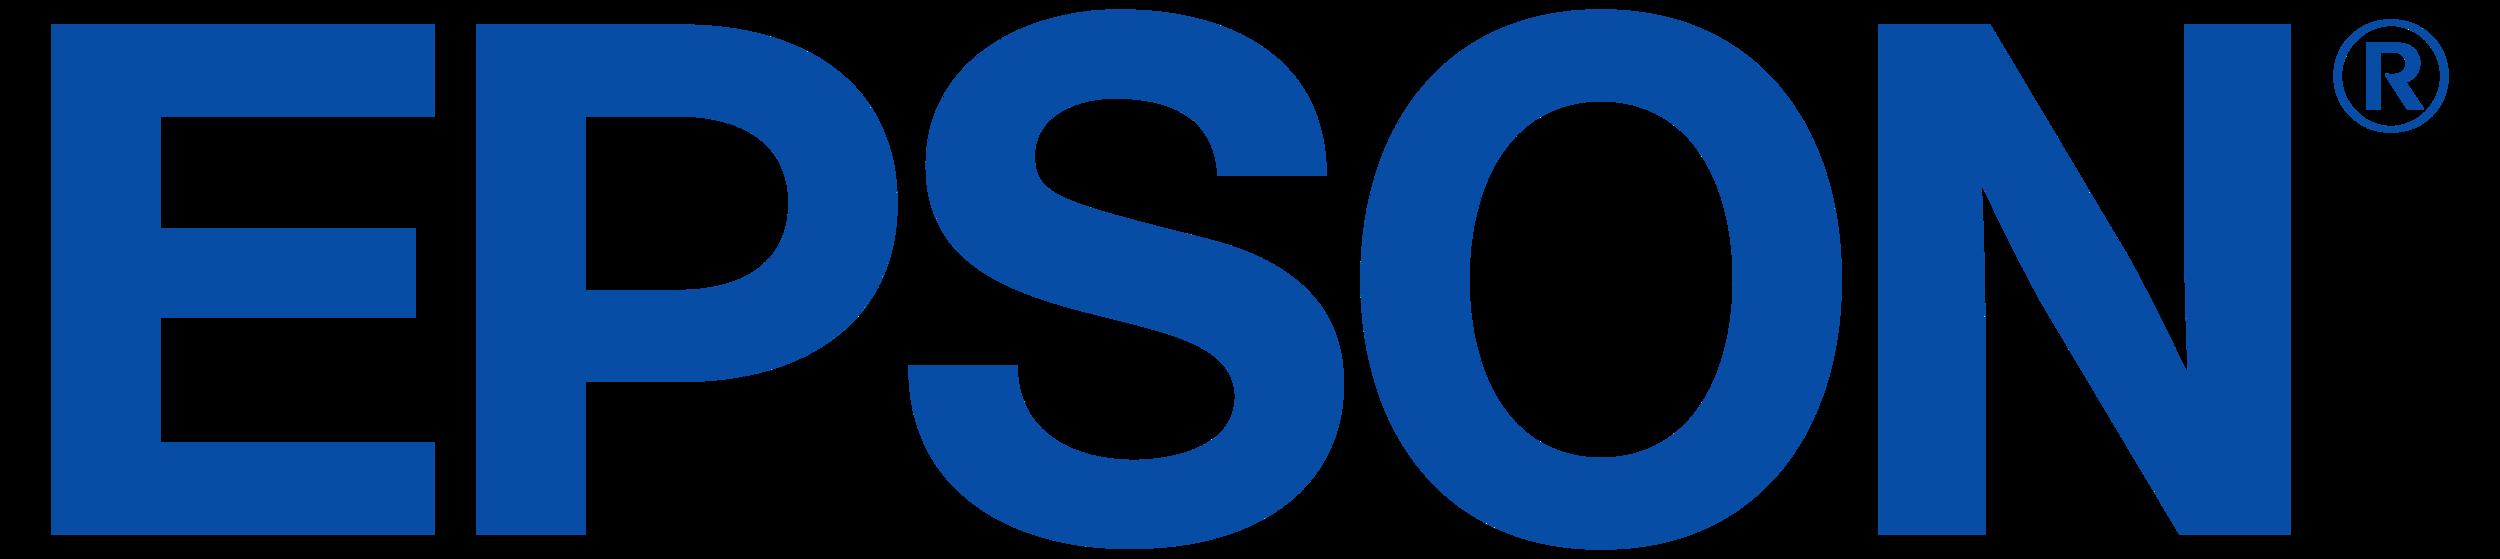 Epson_logo_logotype.png